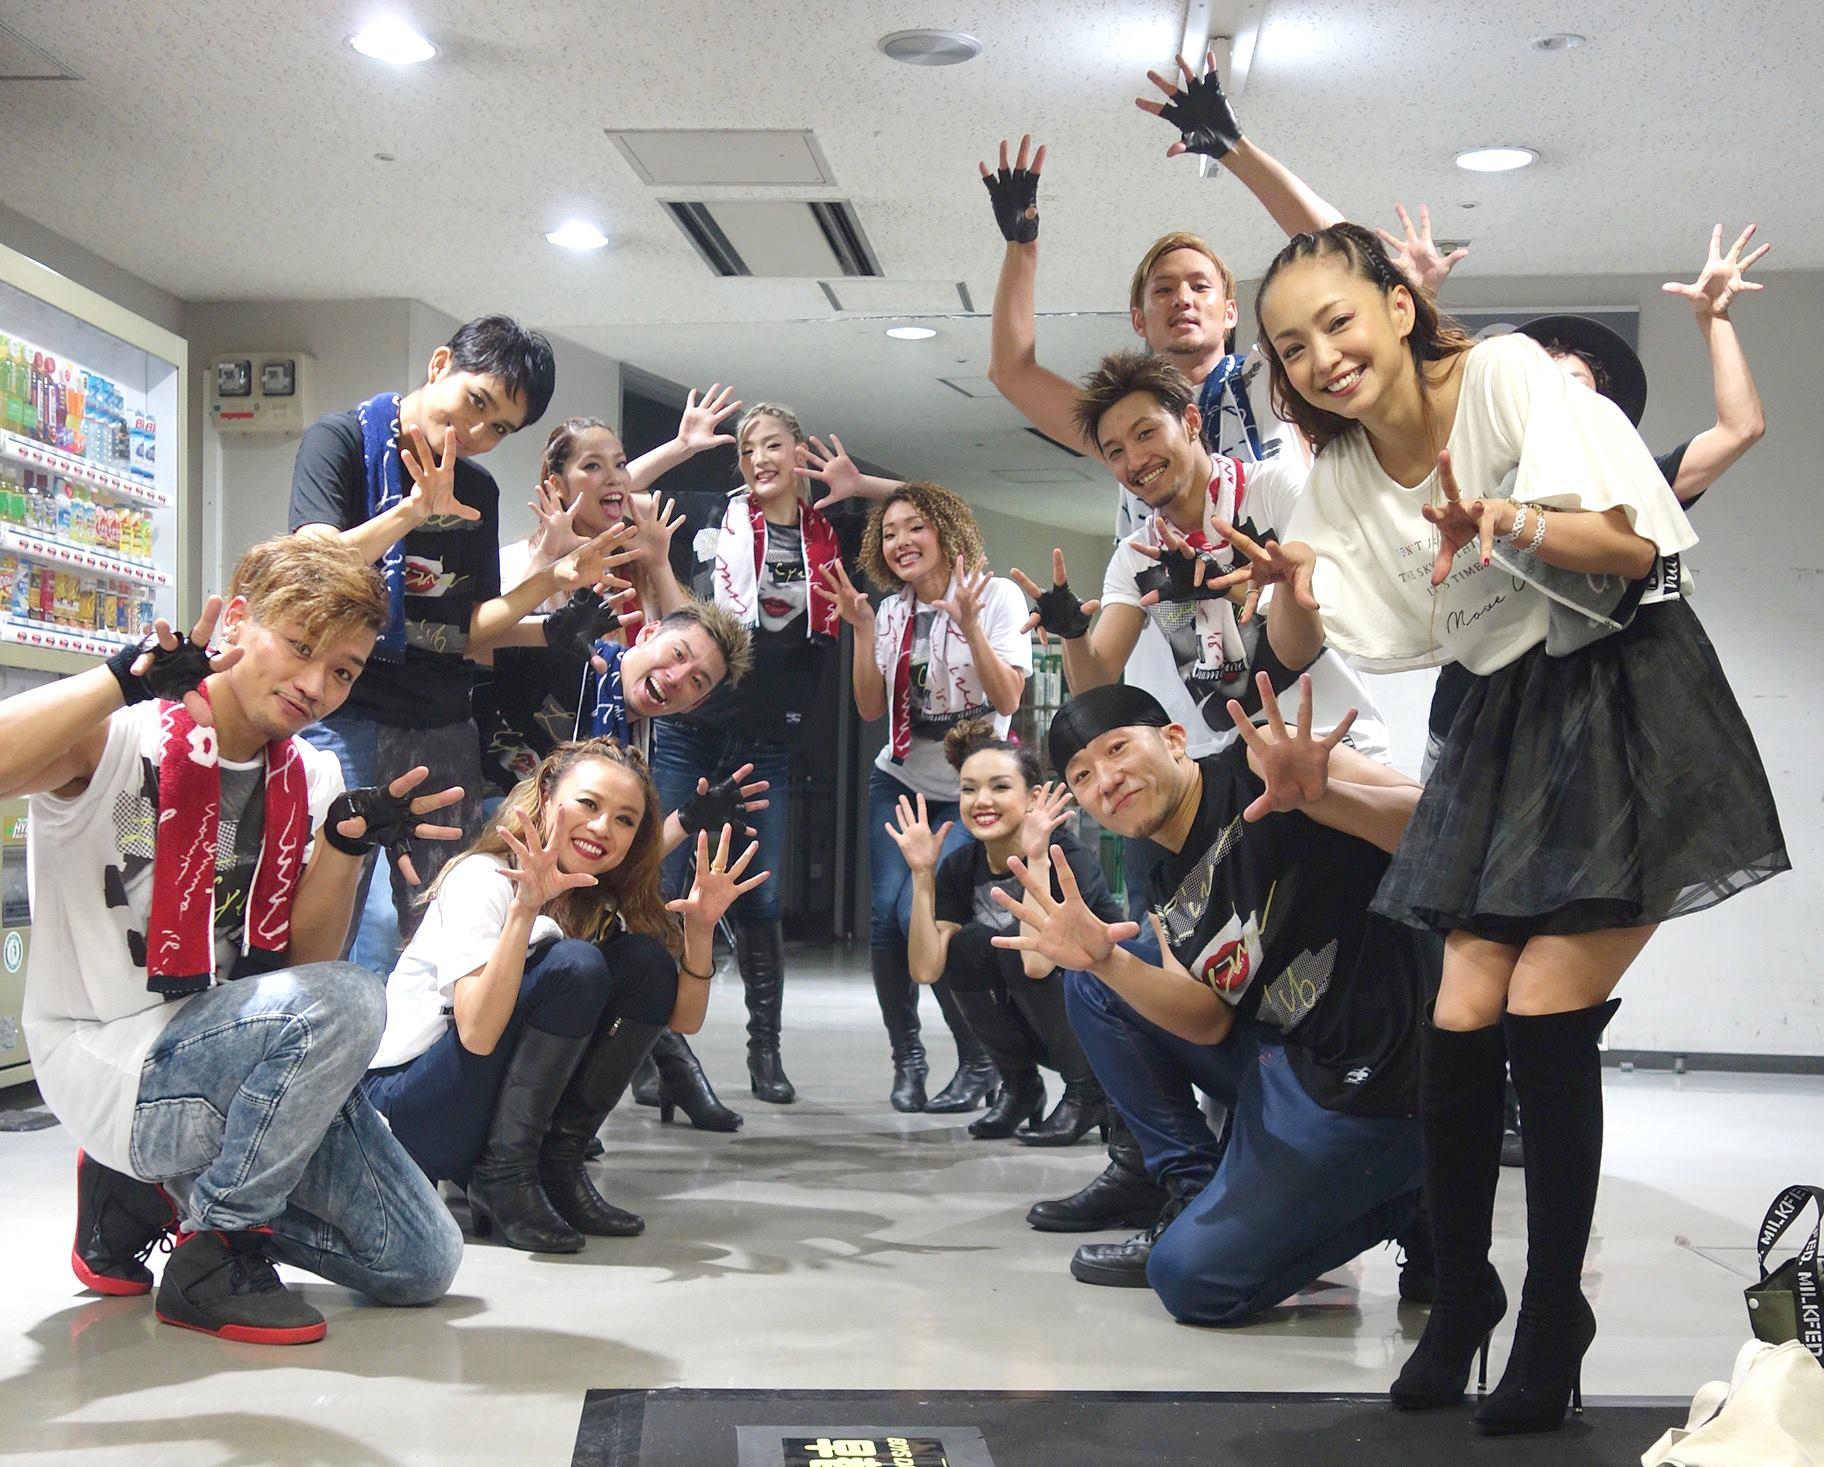 安室奈美恵のバックダンサーは最高水準!?厳しいダンサーの世界を紹介のサムネイル画像